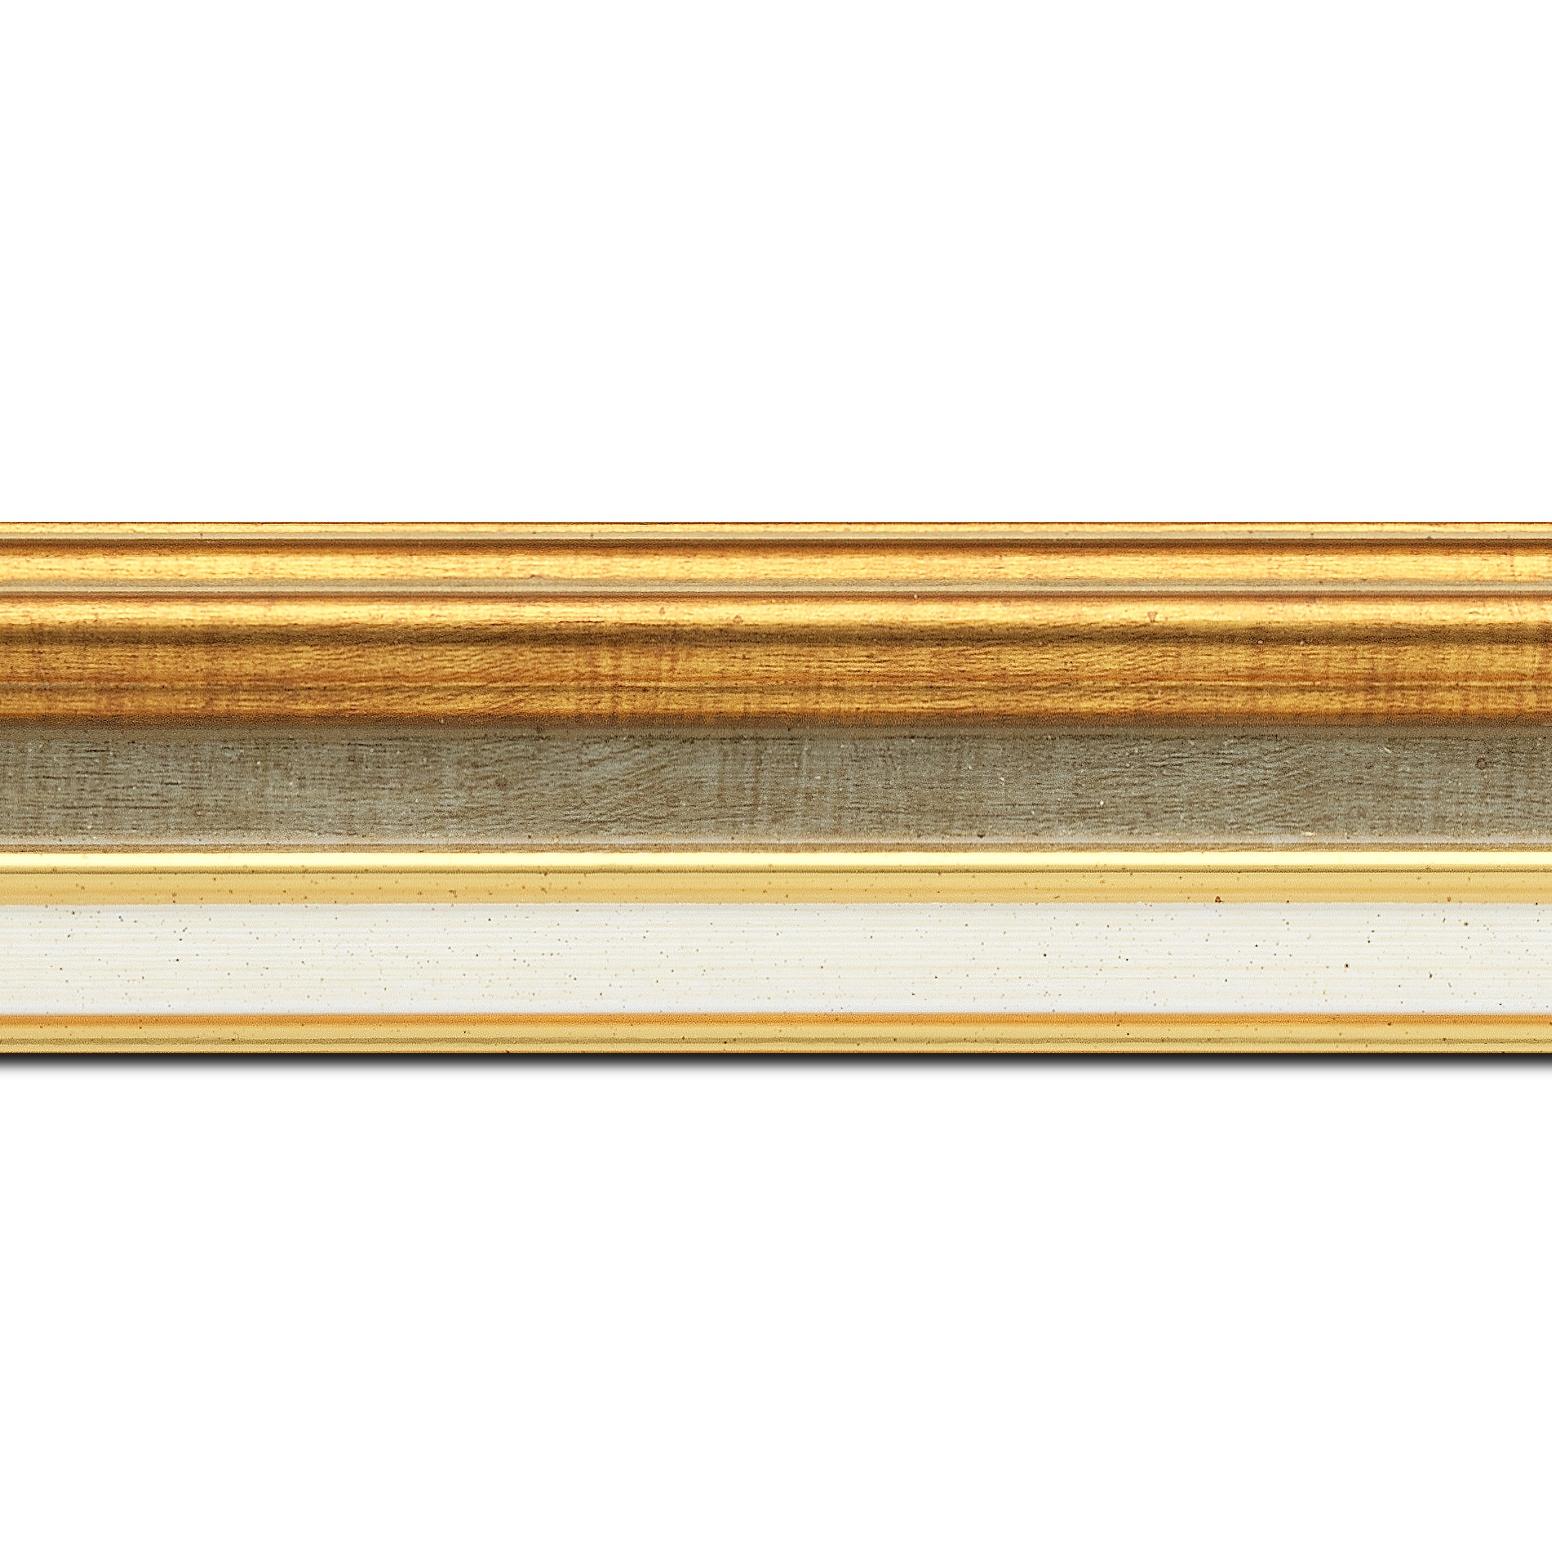 Baguette longueur 1.40m bois largeur 5.2cm or gorge champagne  marie louise crème filet or intégrée